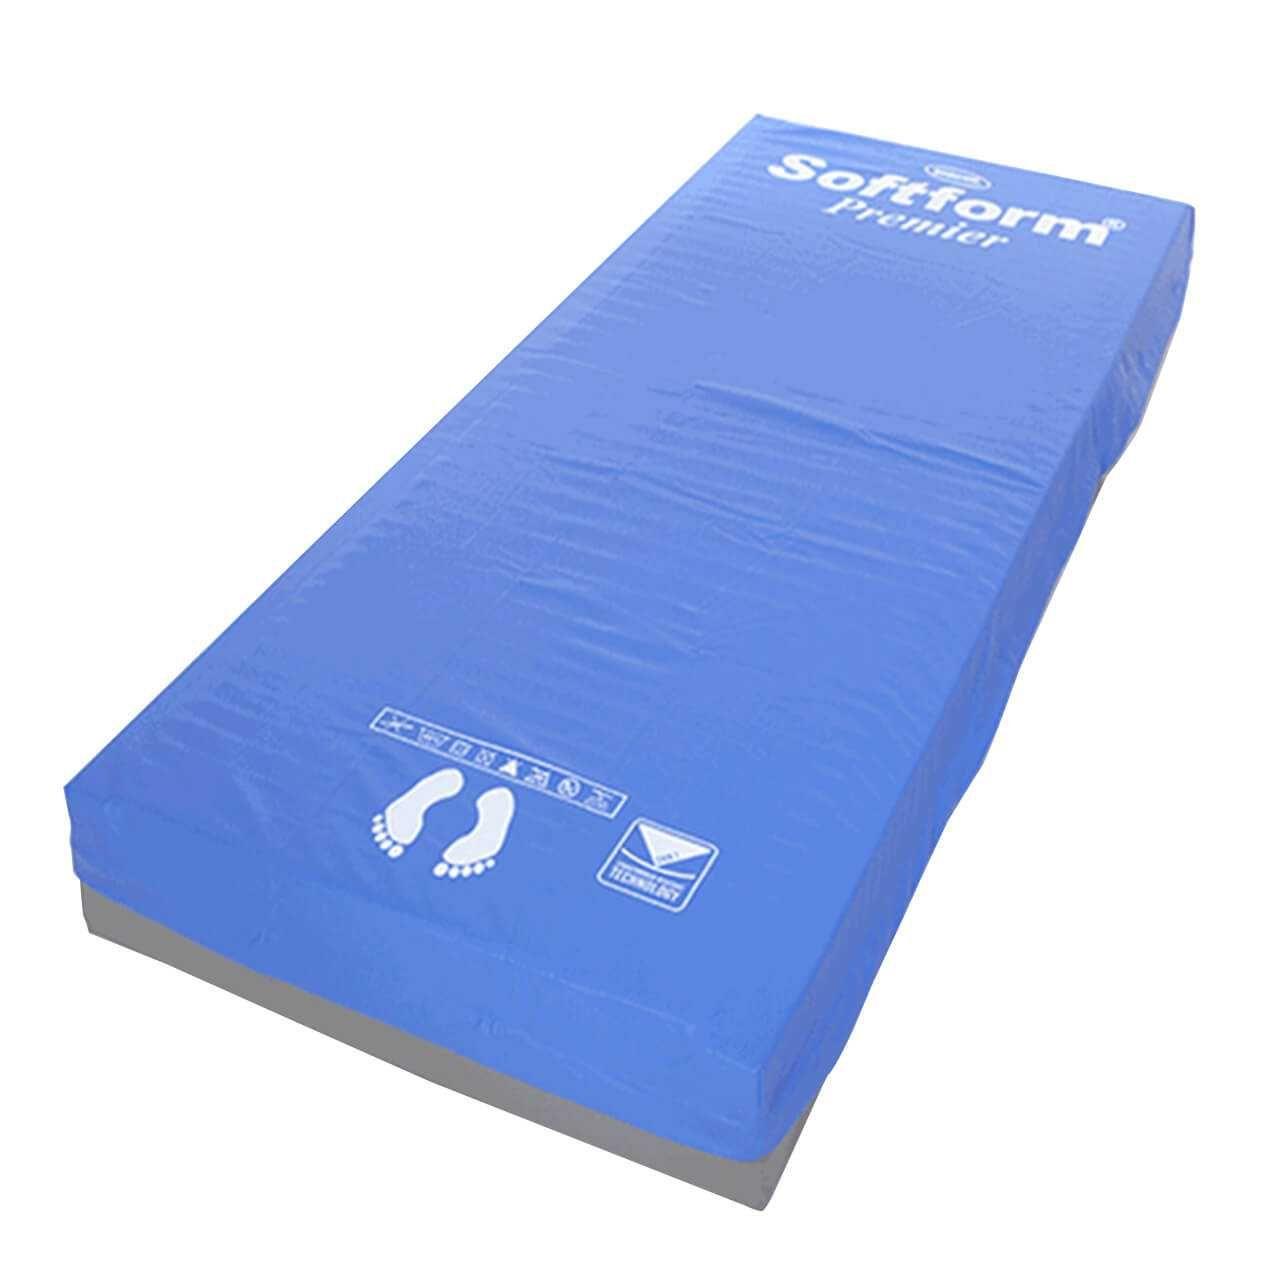 Softform premier matrassen ARTNRNNB 0000s 0001 Schuin 1